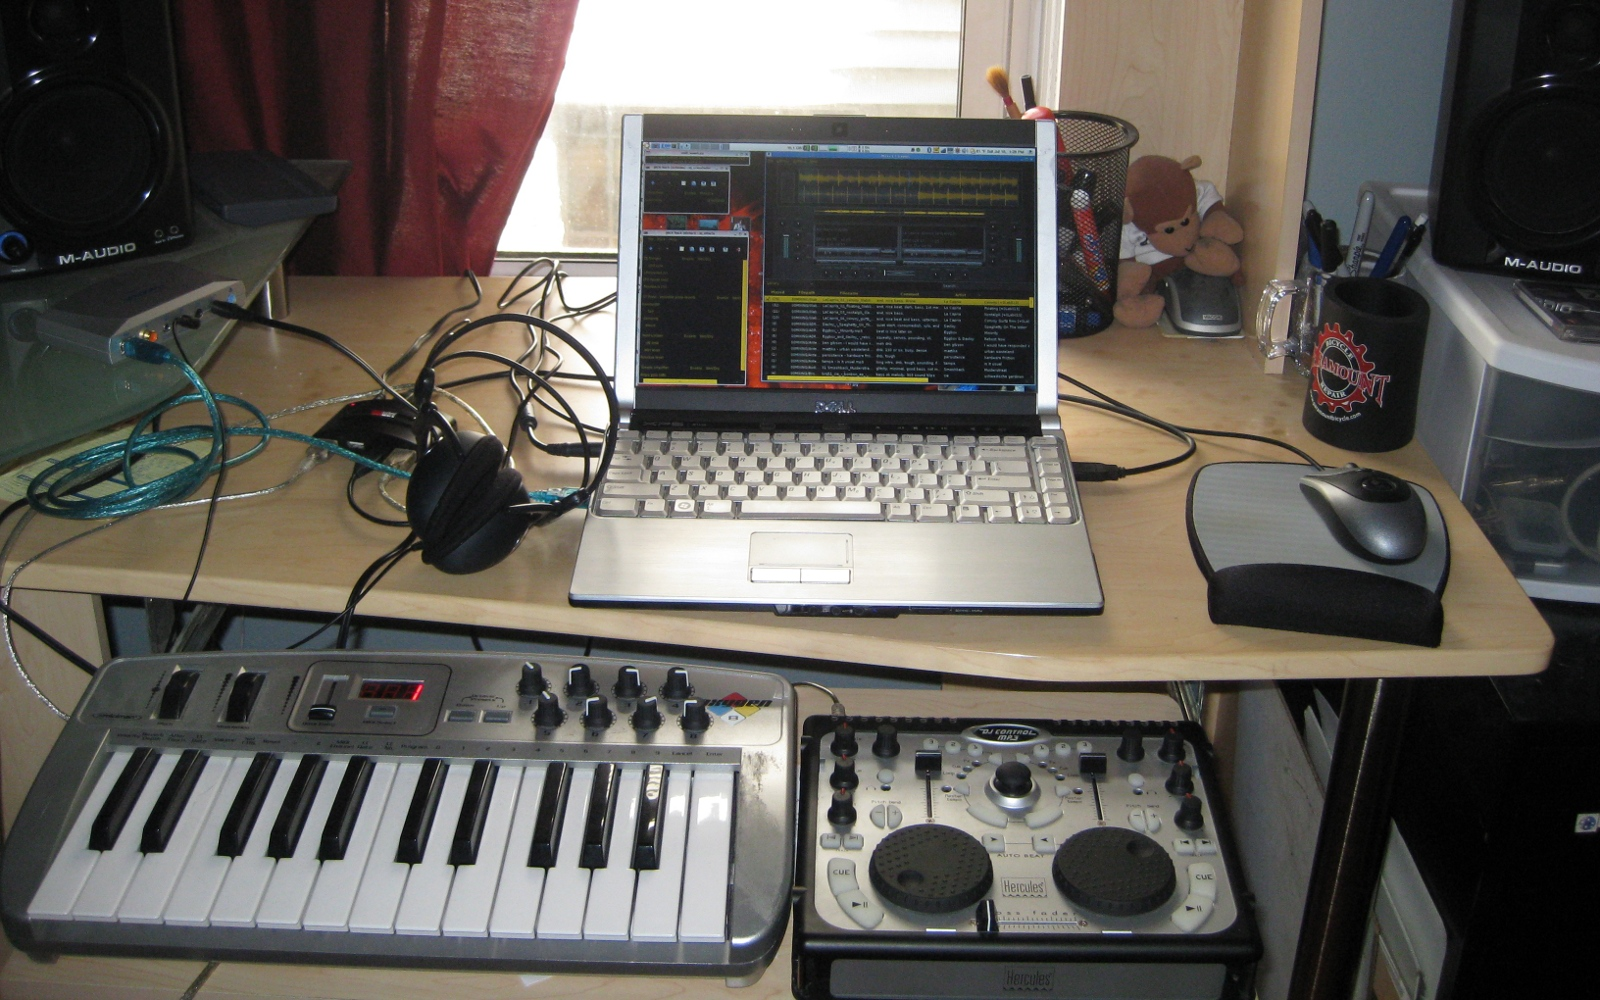 Реалтек программа на звук, Realtek HD Audio Codec Driver - скачать бесплатно Realtek 12 фотография